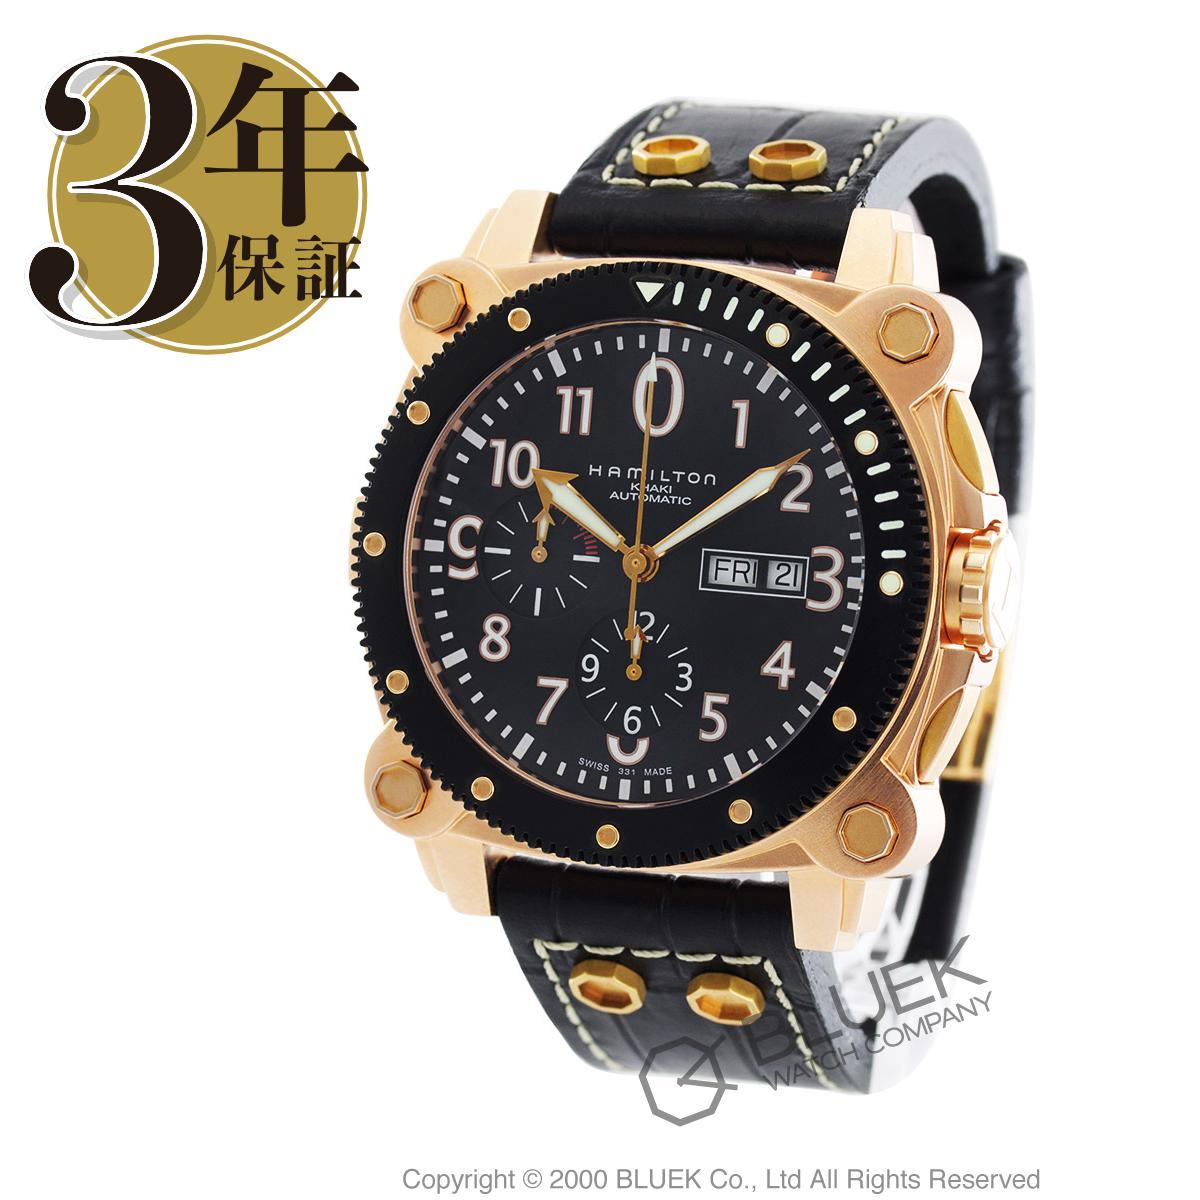 ハミルトン カーキ ネイビー ビロウゼロ クロノグラフ 腕時計 メンズ HAMILTON H78646733_8 バーゲン 成人祝い ギフト プレゼント